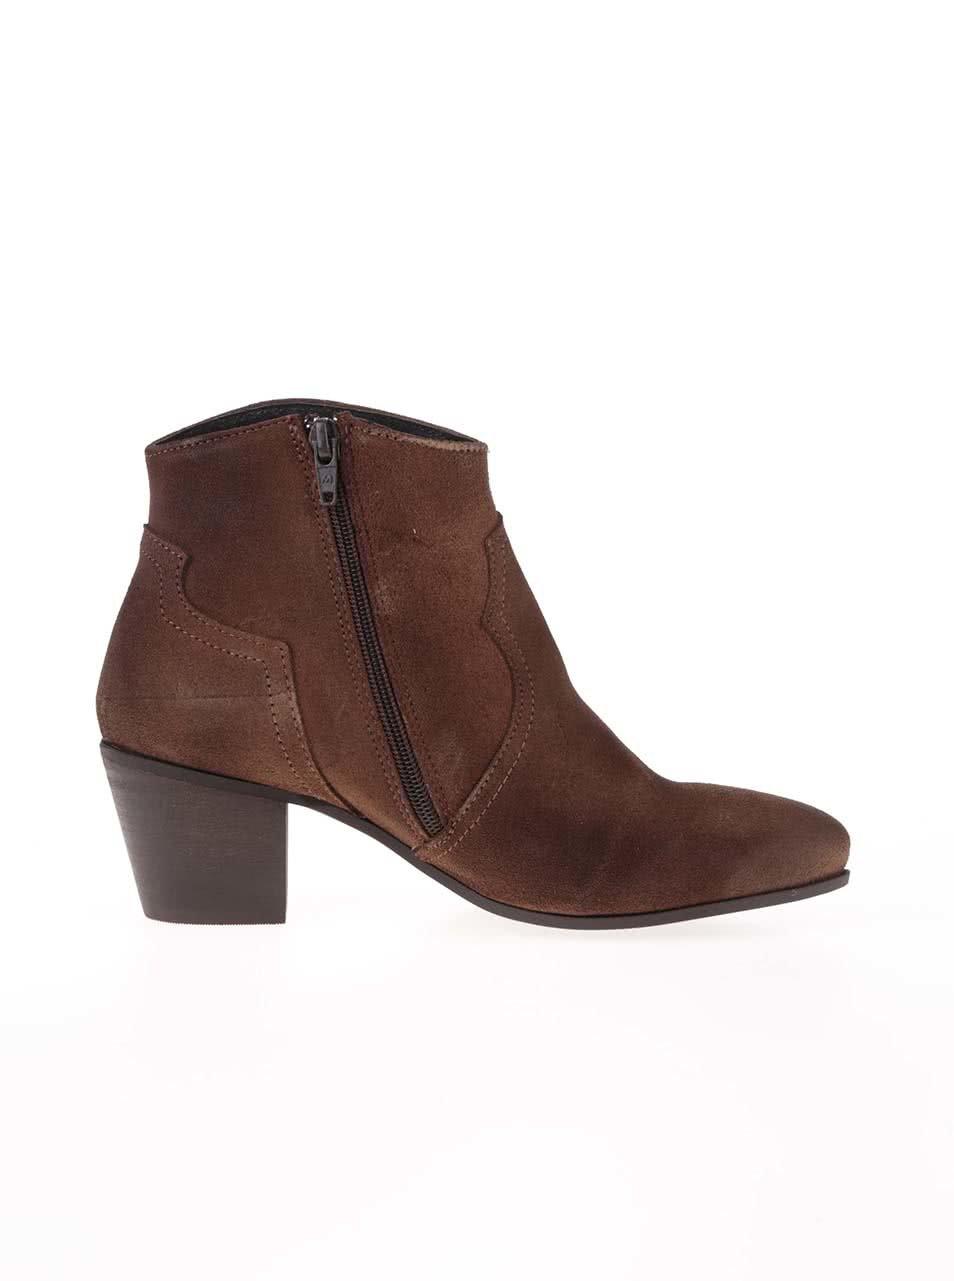 57339b795e Hnedé dámske semišové topánky Bullboxer ...